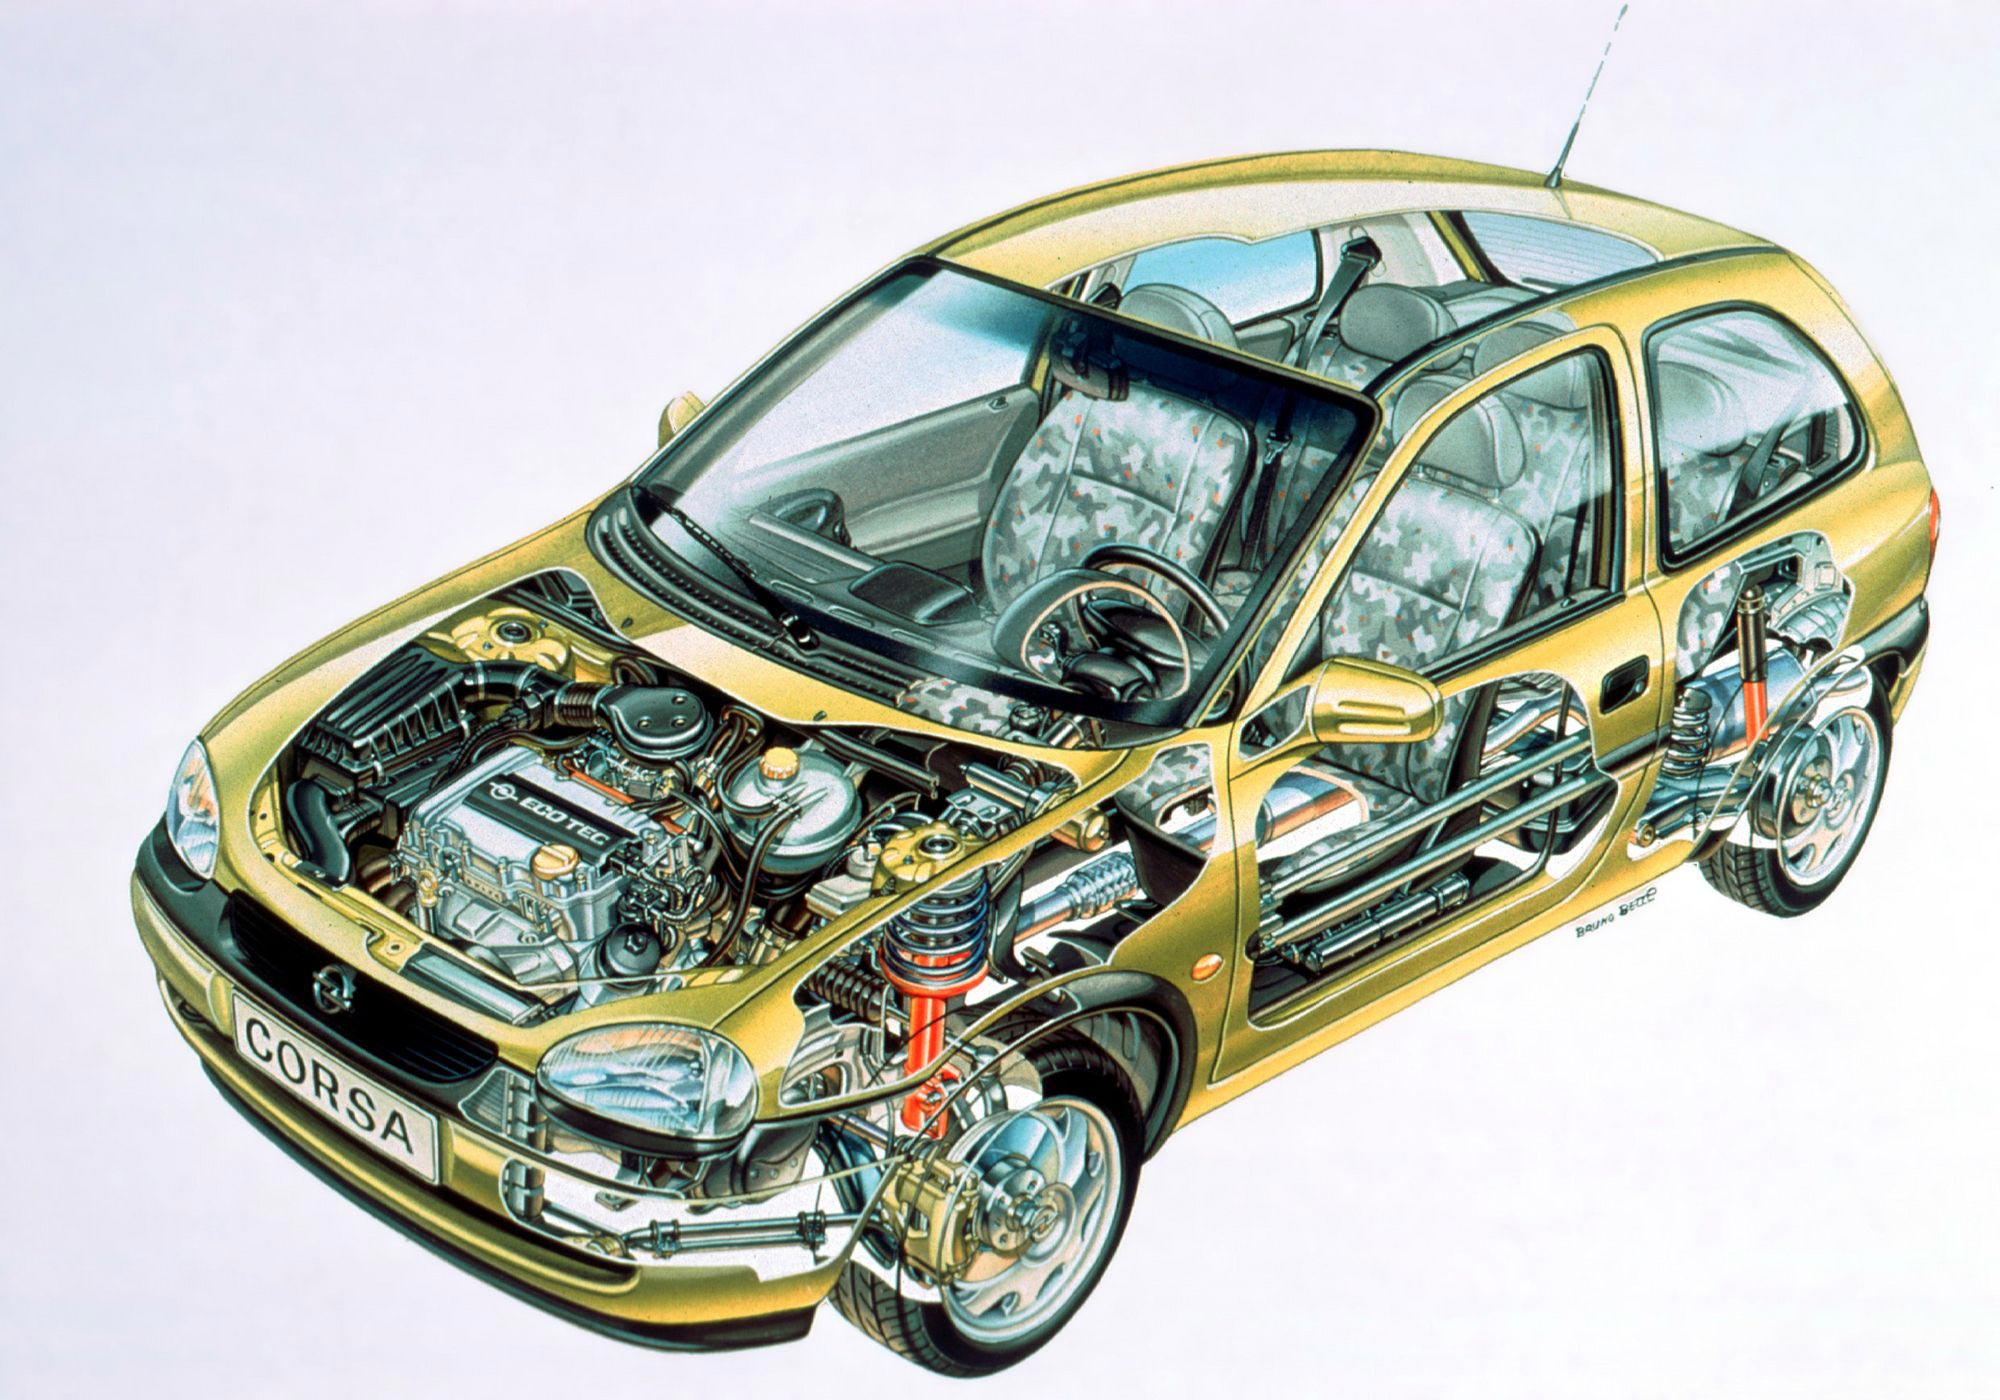 Opel Corsa cutaway